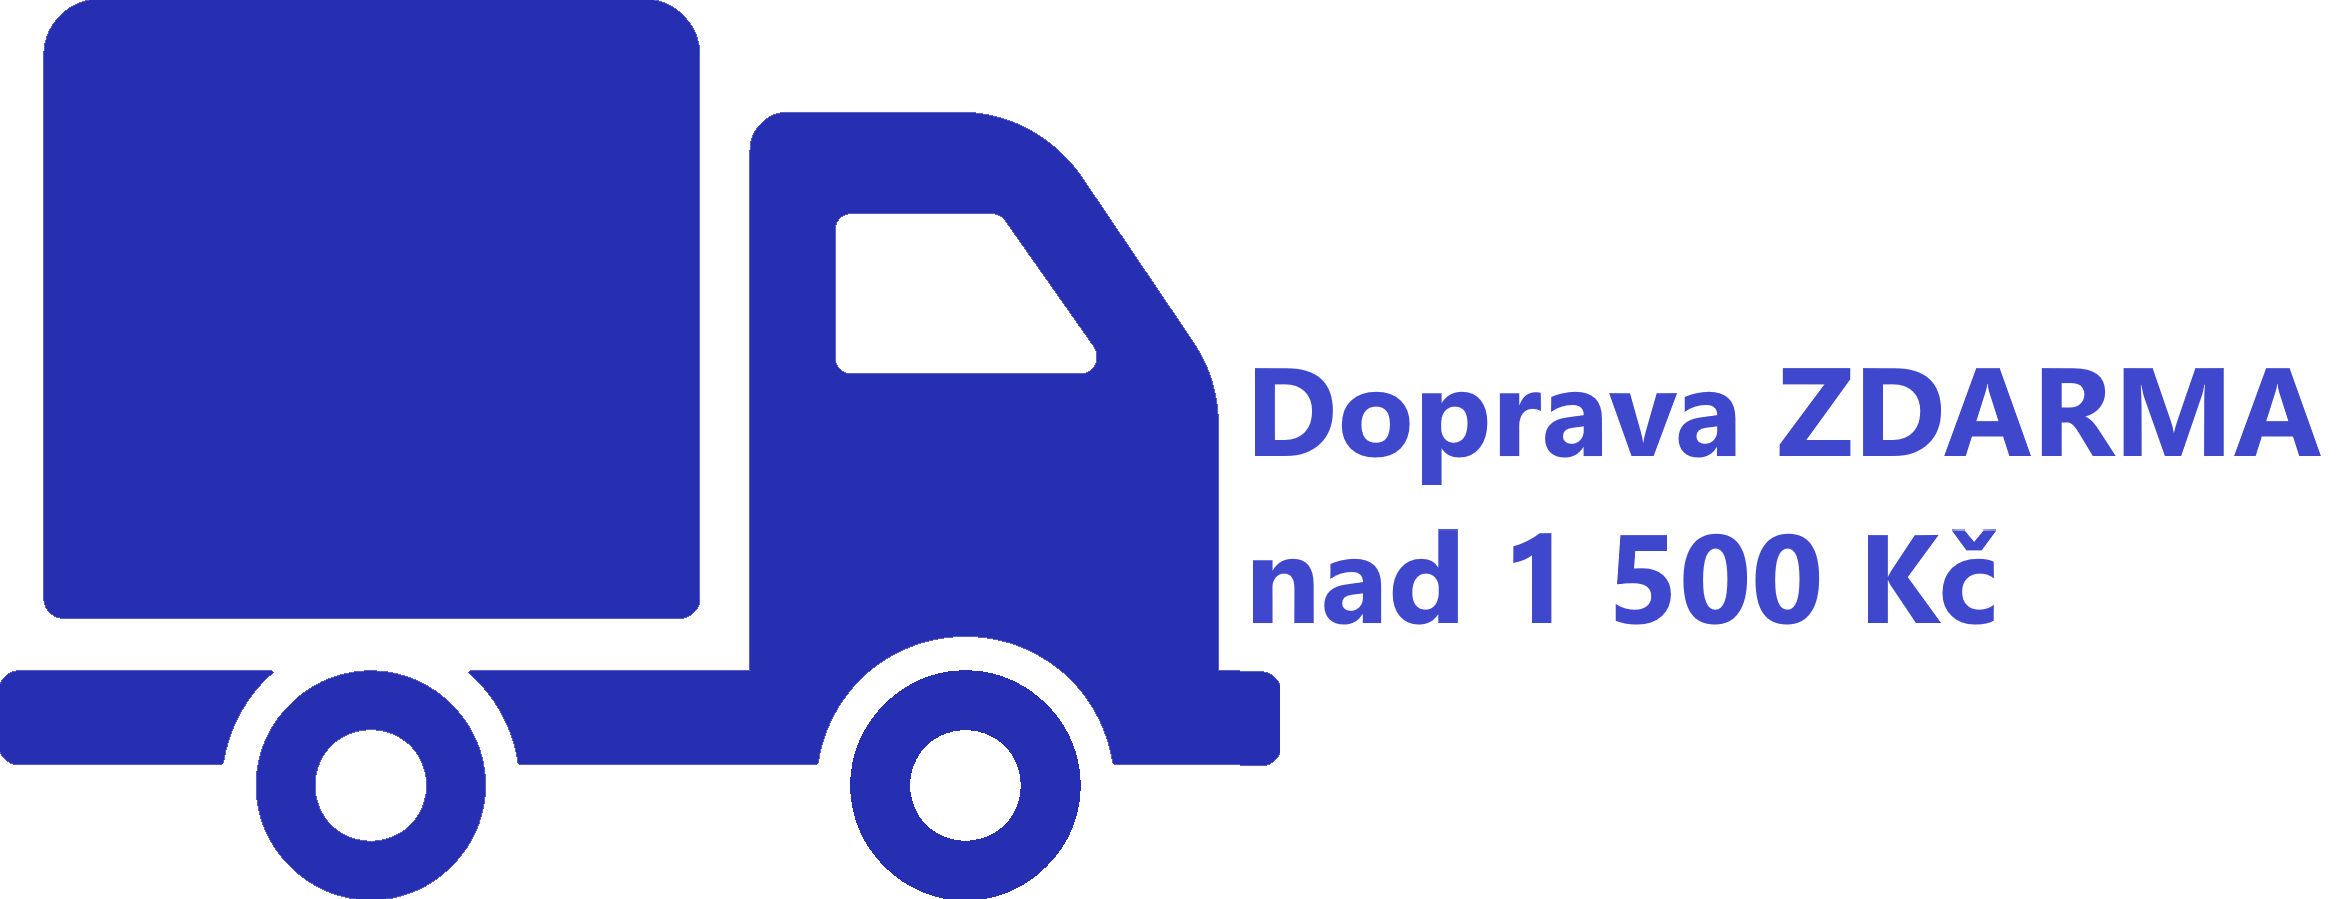 Doprava zdarma